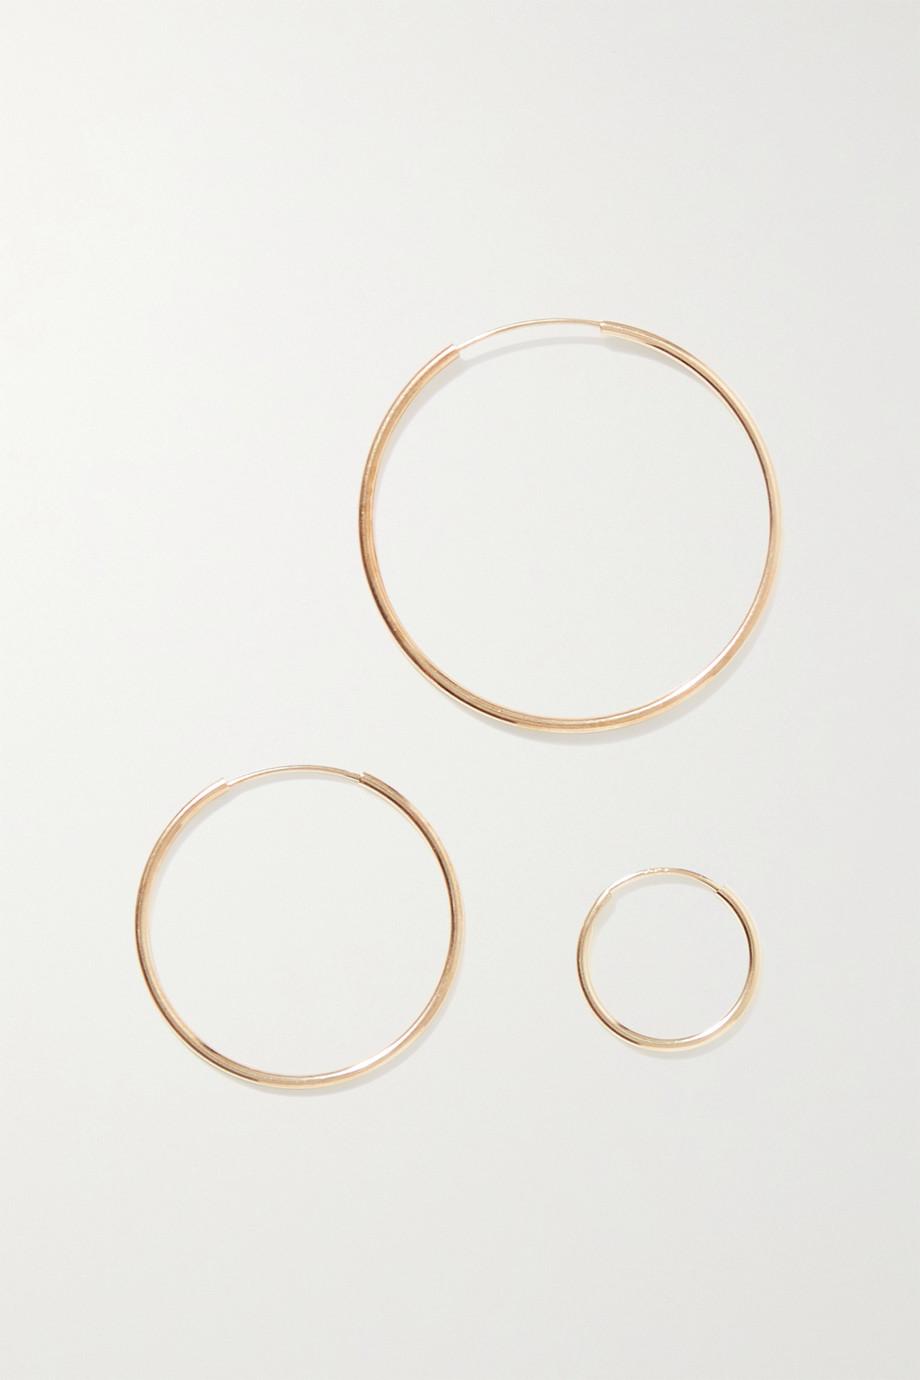 Loren Stewart Infinity set of three 14-karat gold hoop earrings